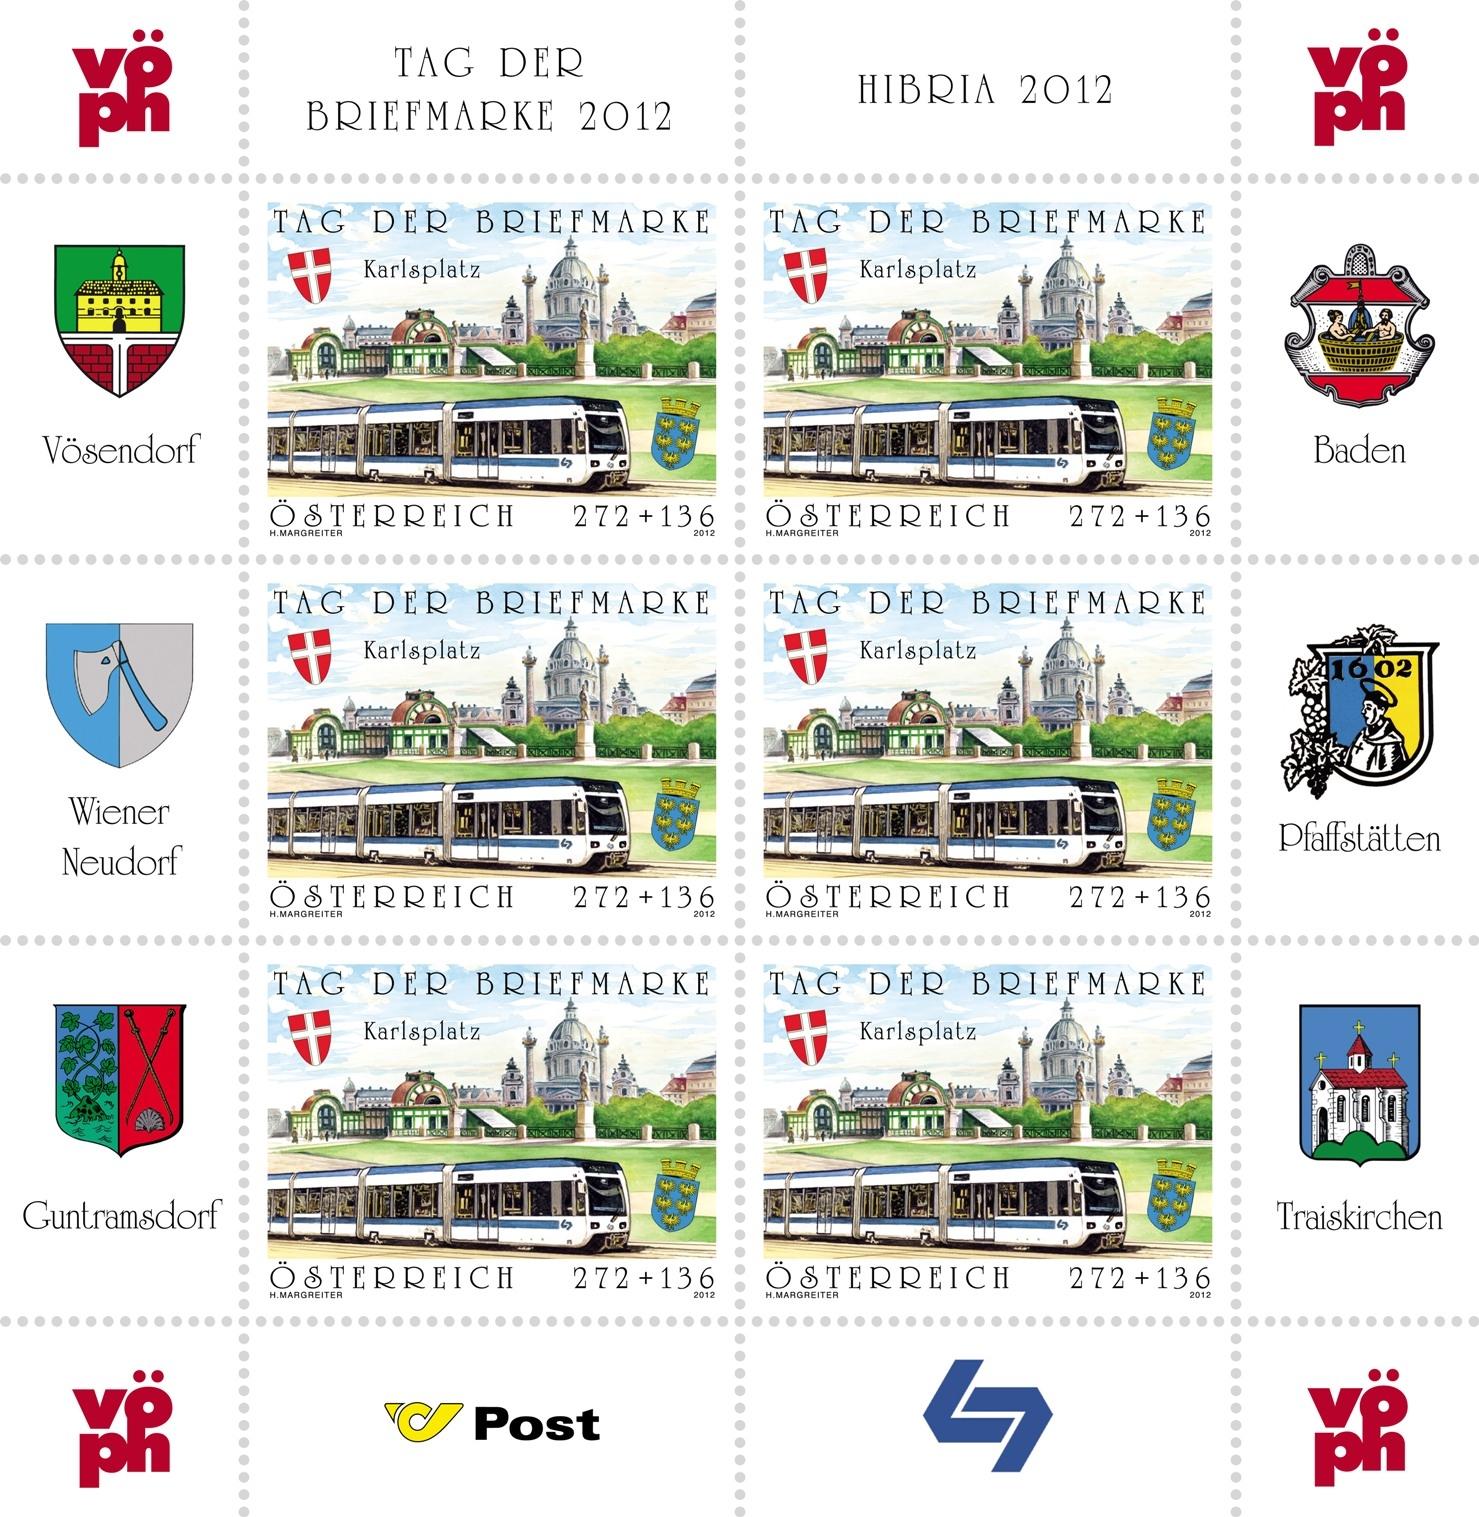 Briefmarken - Briefmarken mit Zierfeldern Allongen (bedruckte Zierfelder) An3025kb